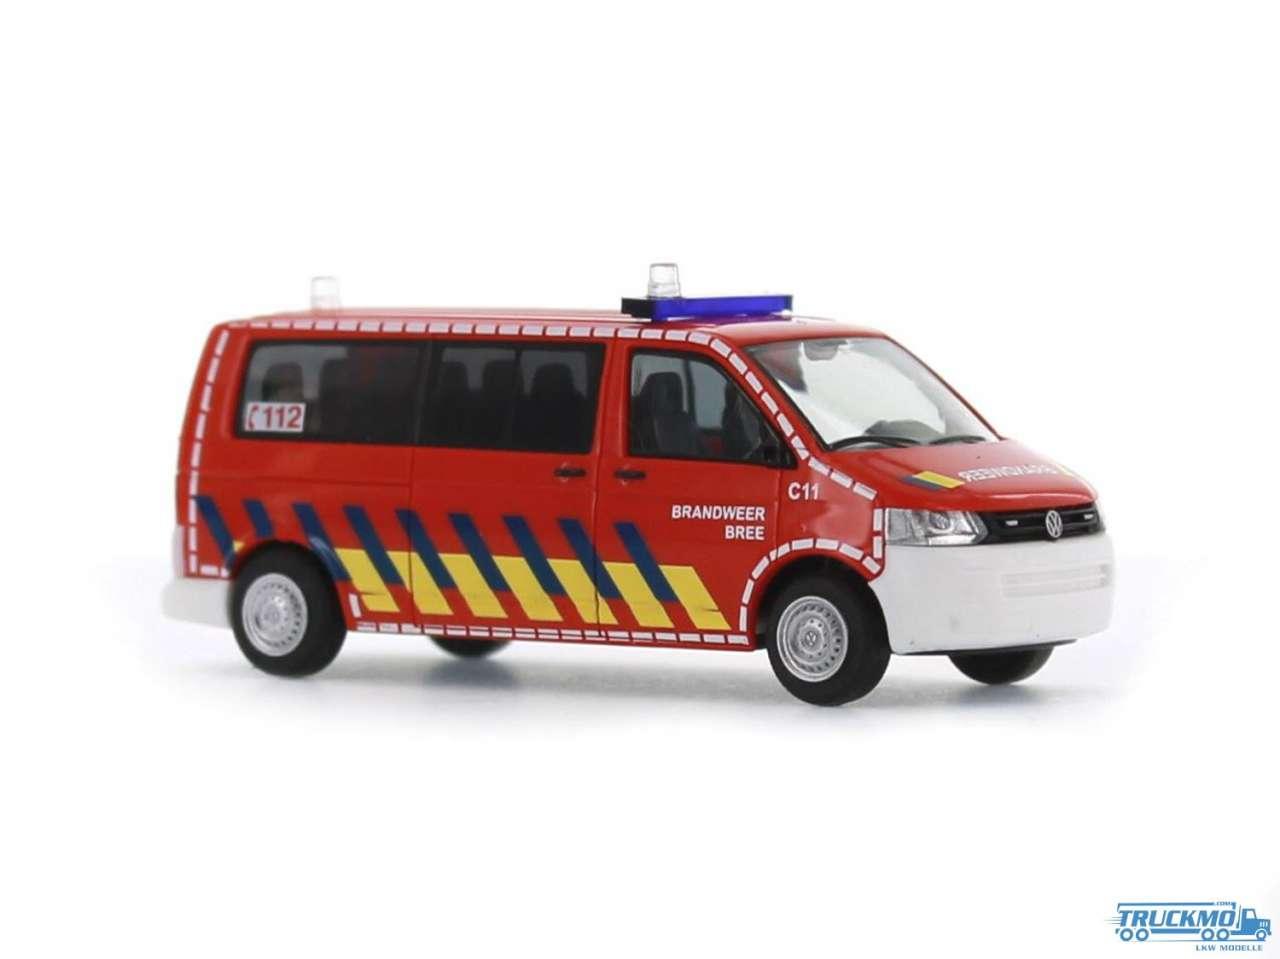 Rietze Brandweer Bree Volkswagen VW T5 GP Bus LR FD 52625